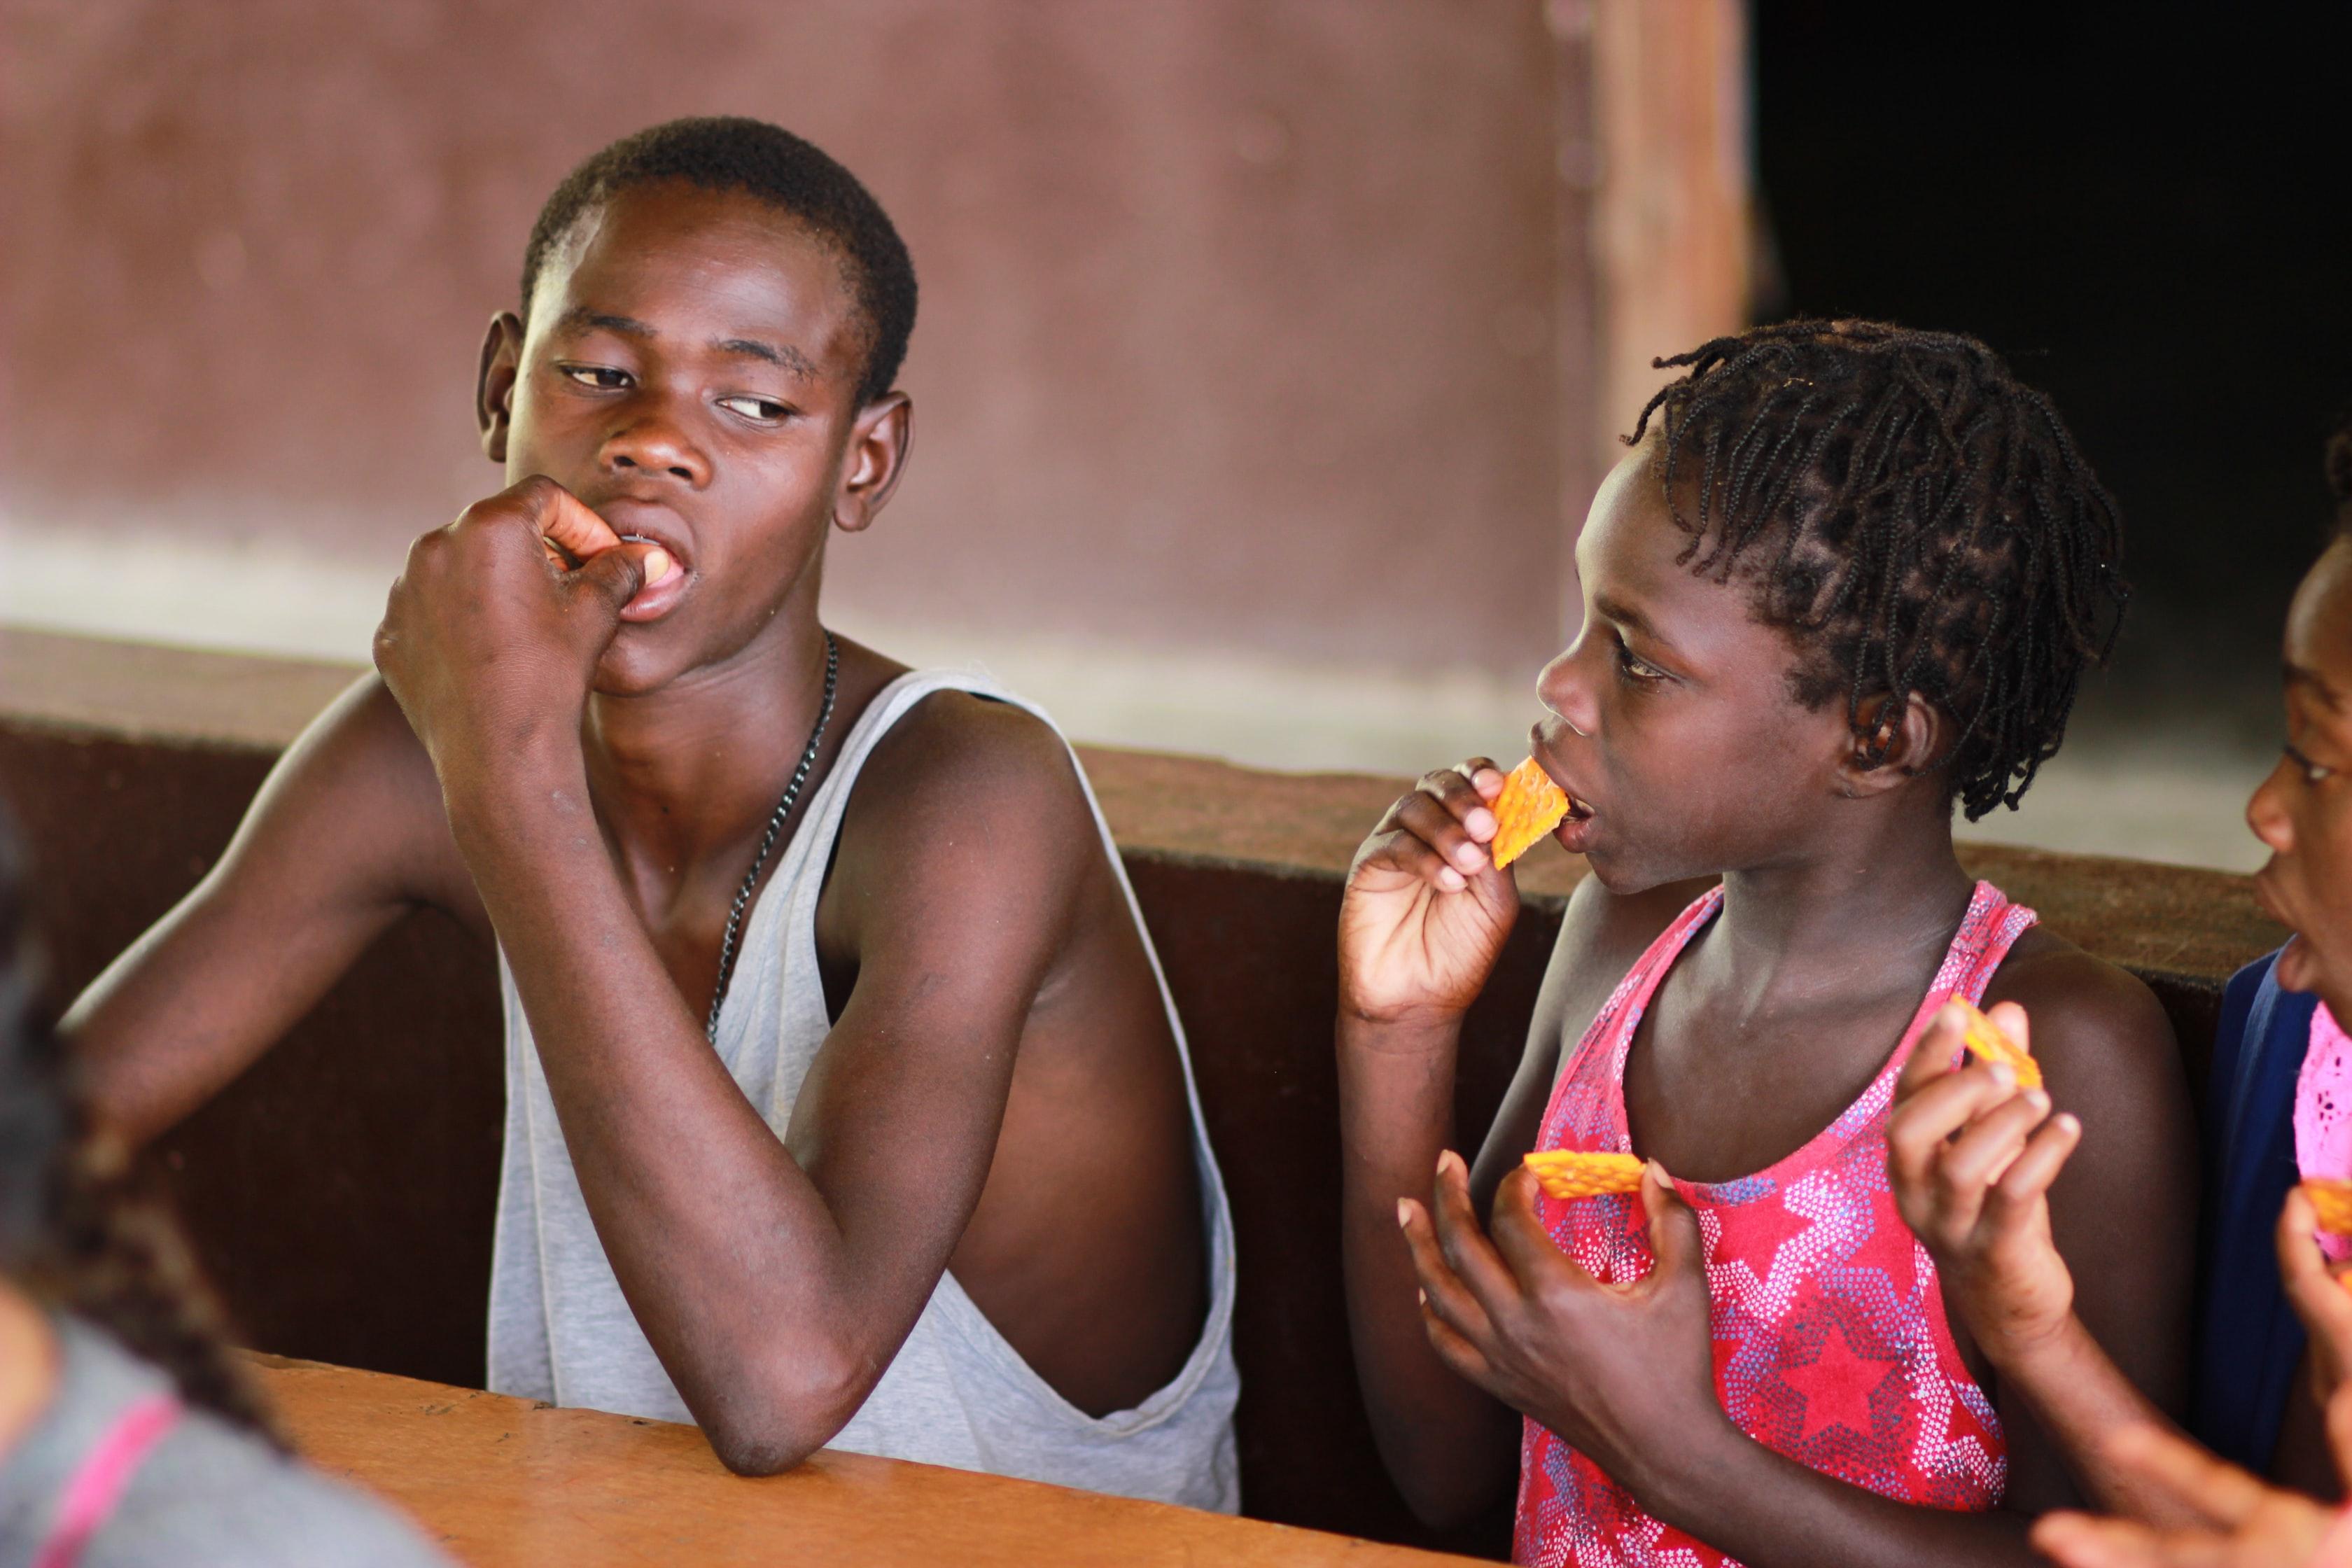 「飢餓」を自分の問題としてとらえ、すべての人が健康に生きられる世界をつくろう